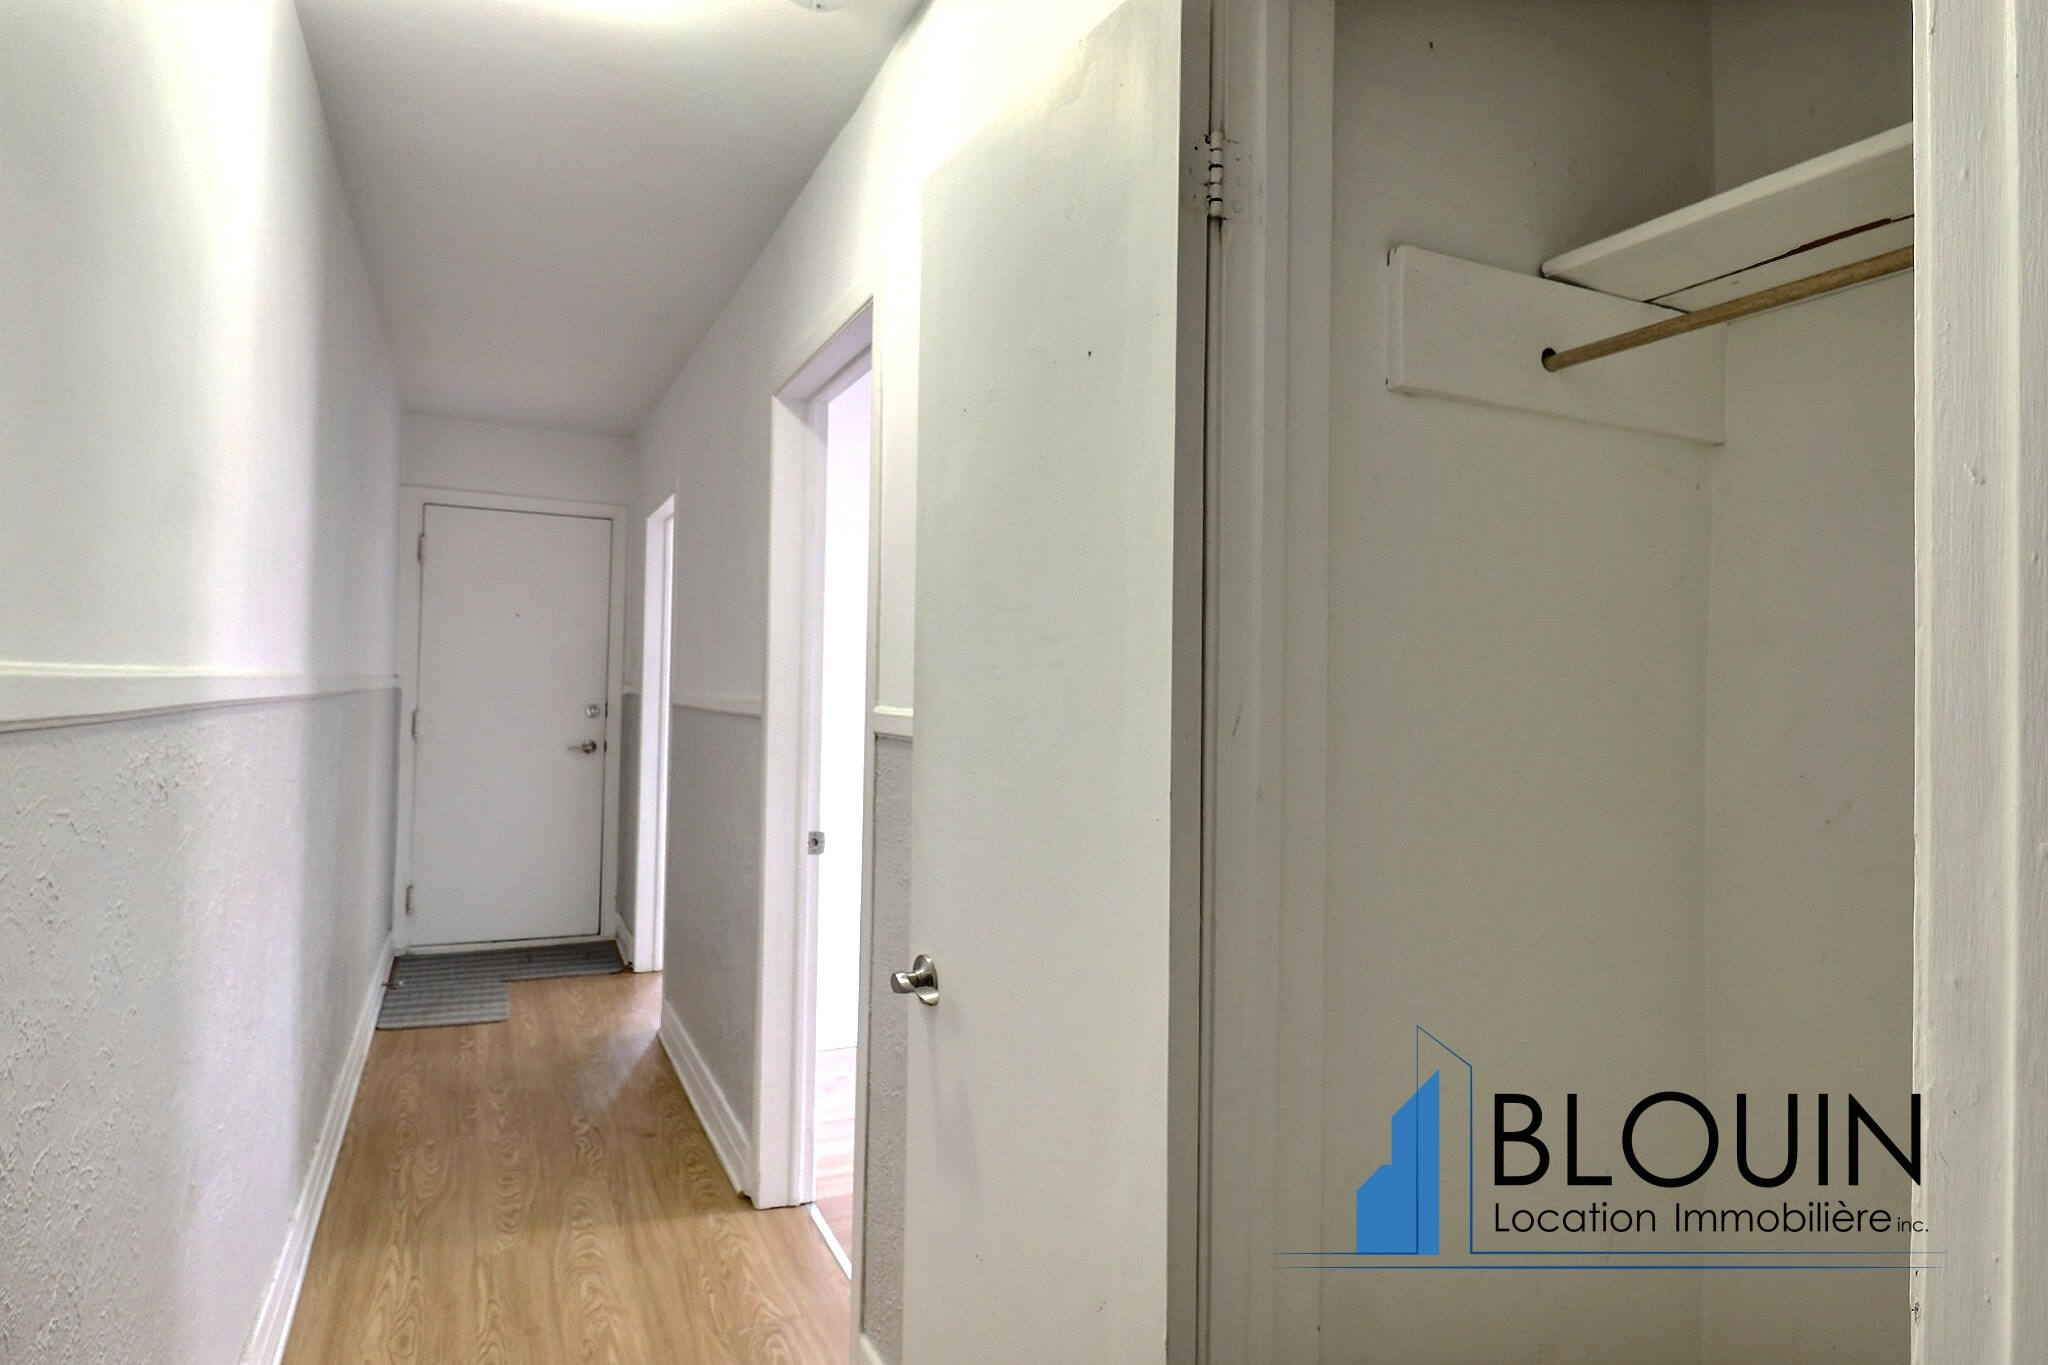 Photo 6 : 4 ½ à Limoilou, libre Maintenant, Semi-meublé + eau chaude & Stationnement inclus